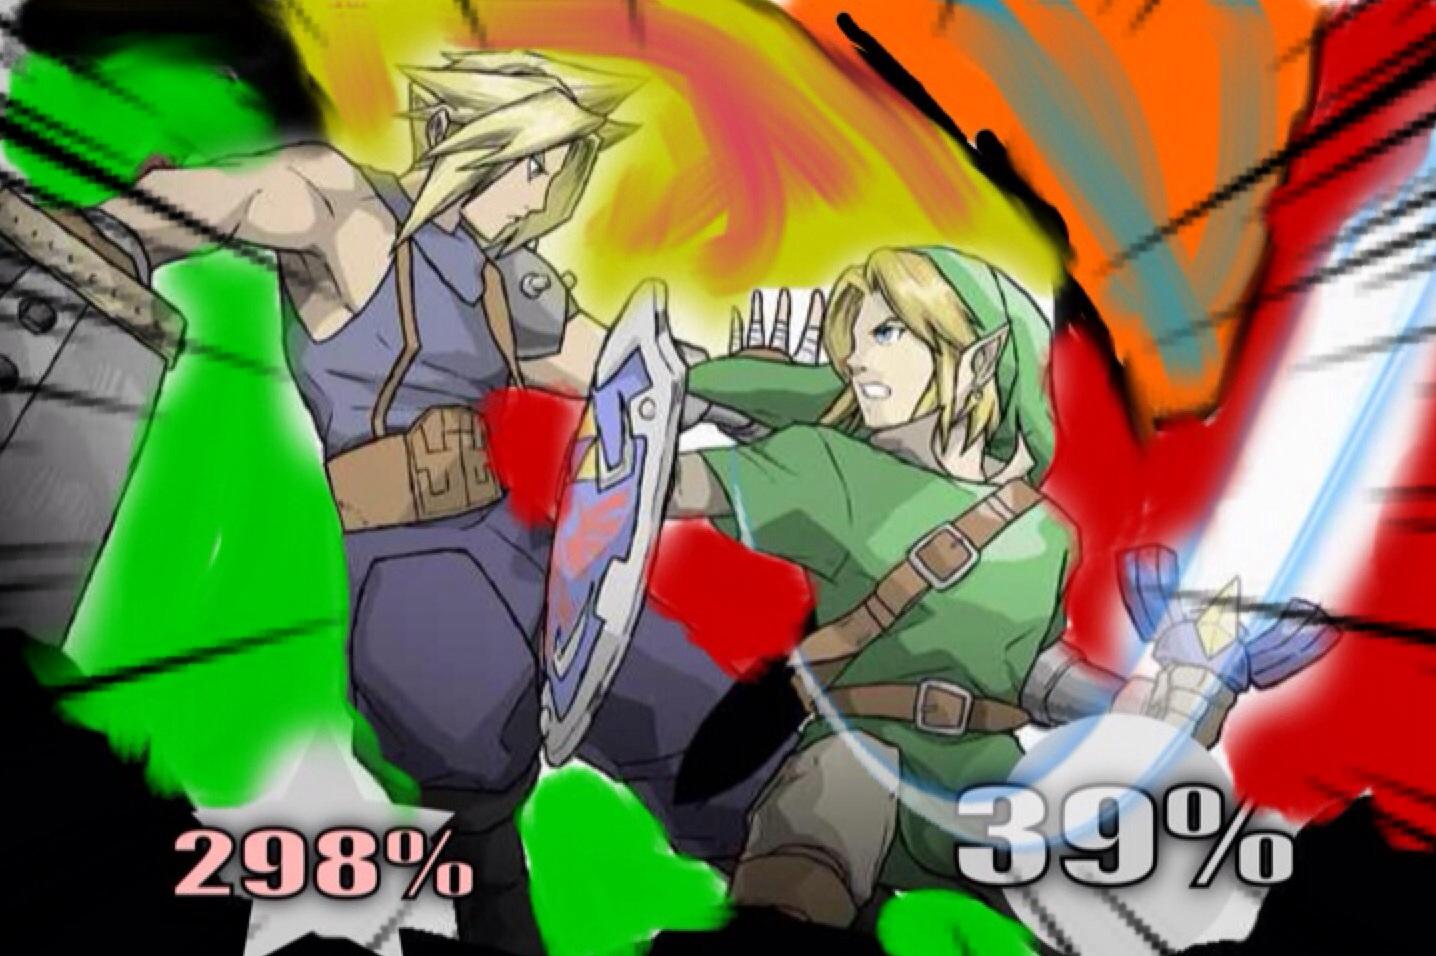 Link vs Cloud by firebird97